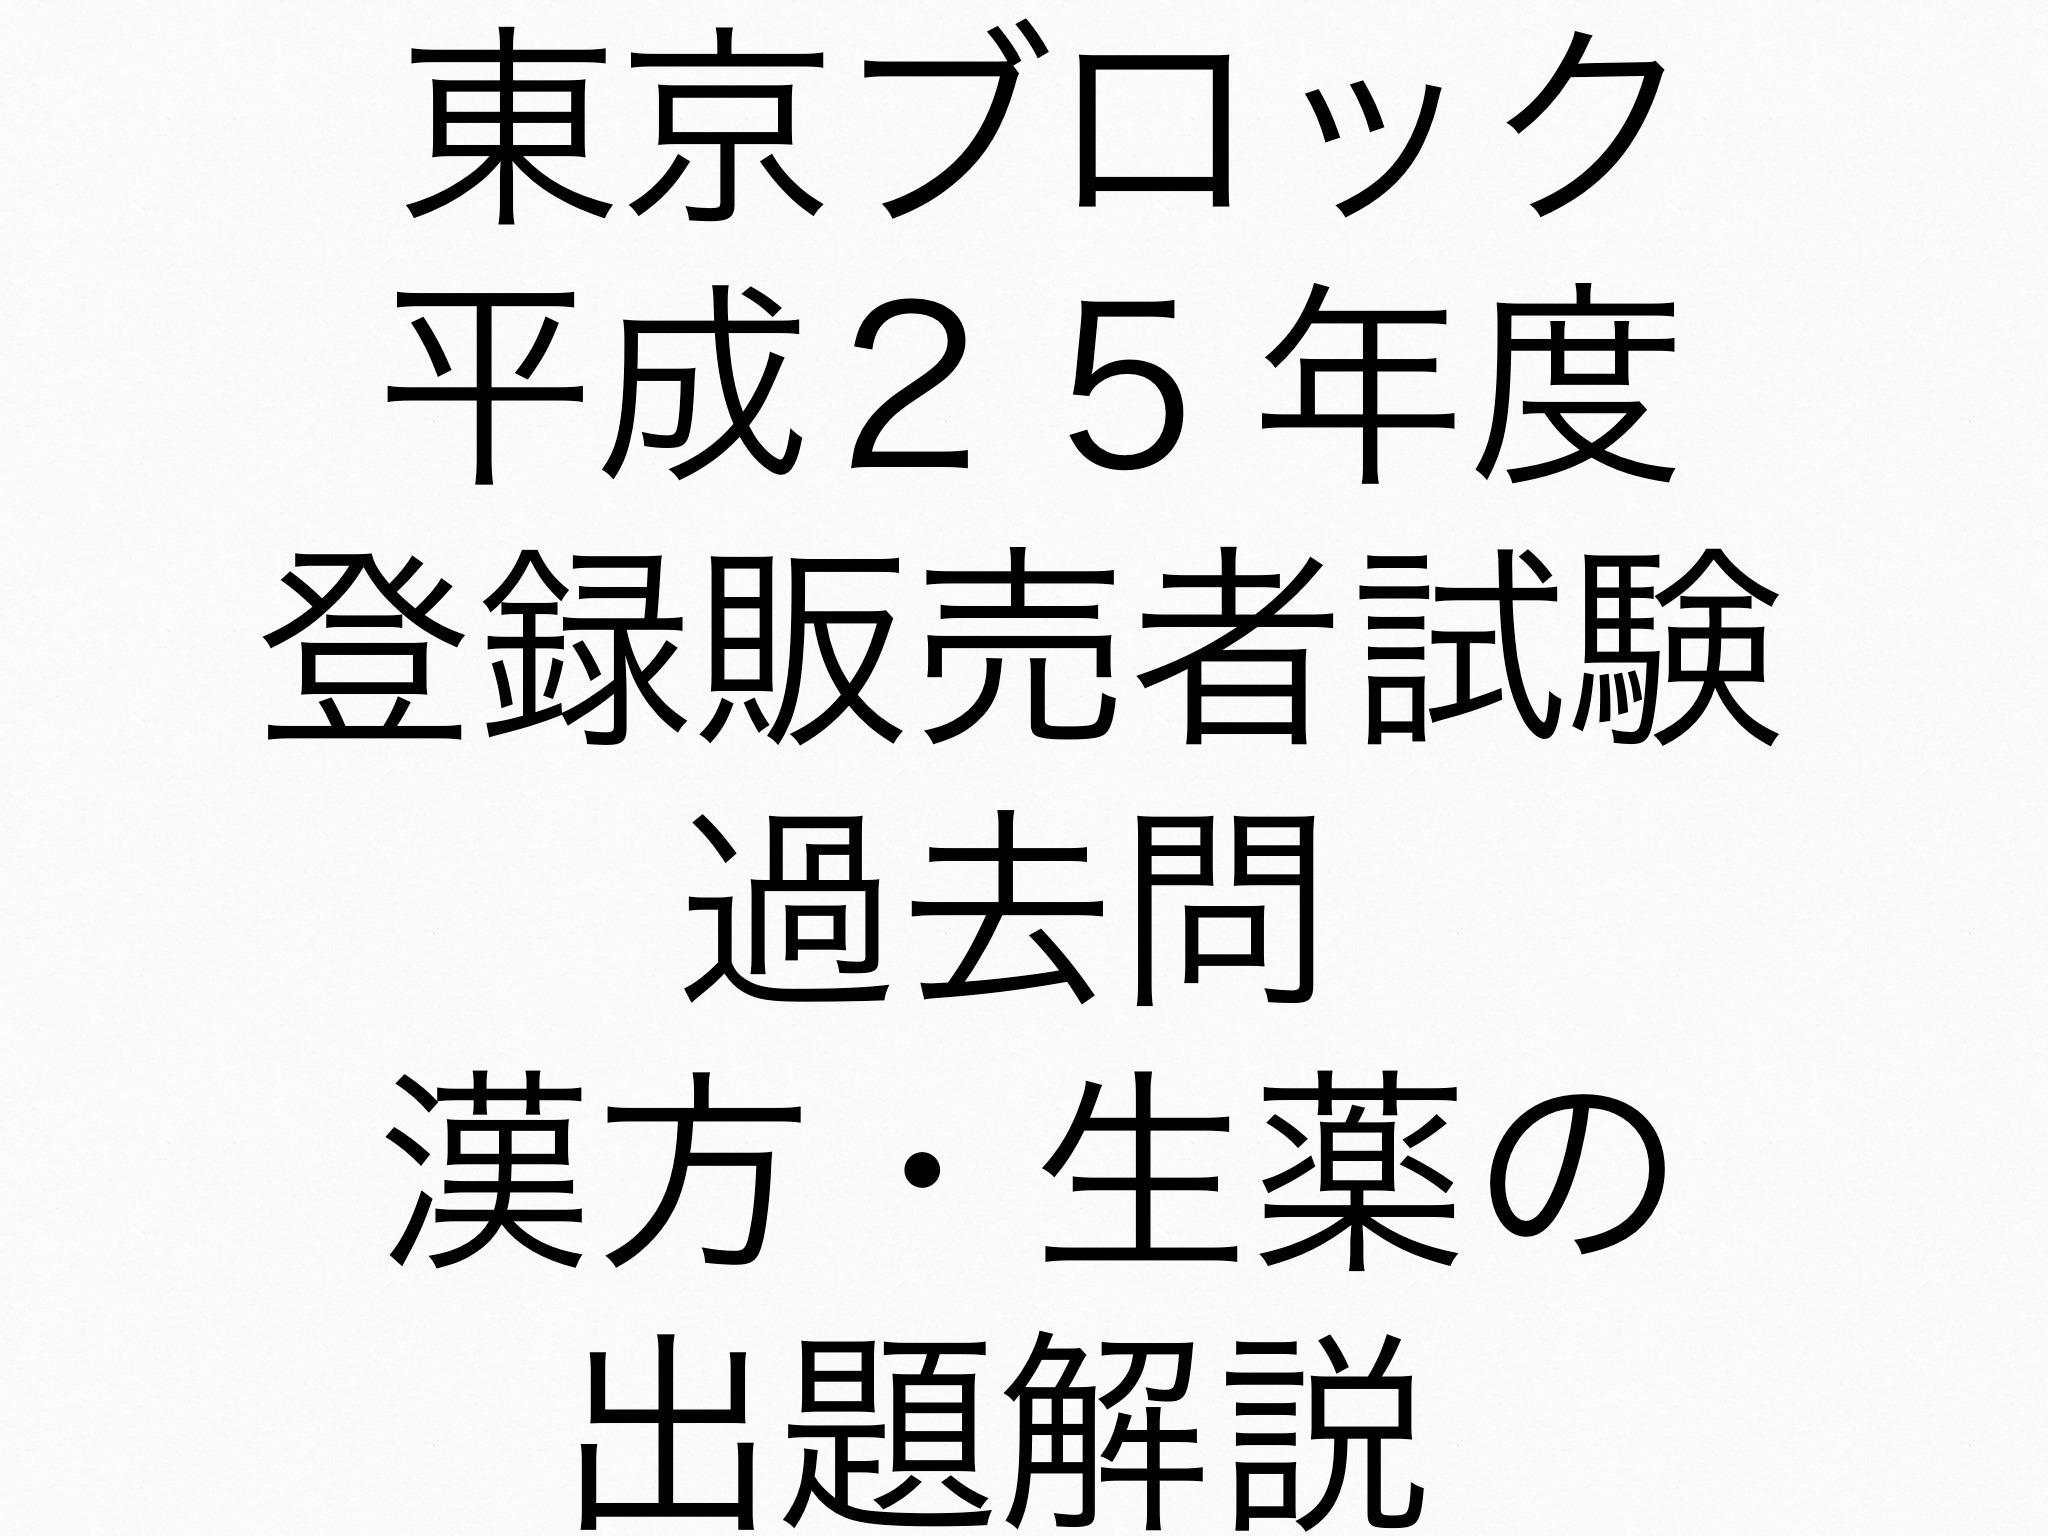 東京H25)登録販売者試験過去問 漢方・生薬の問題解説/出題傾向